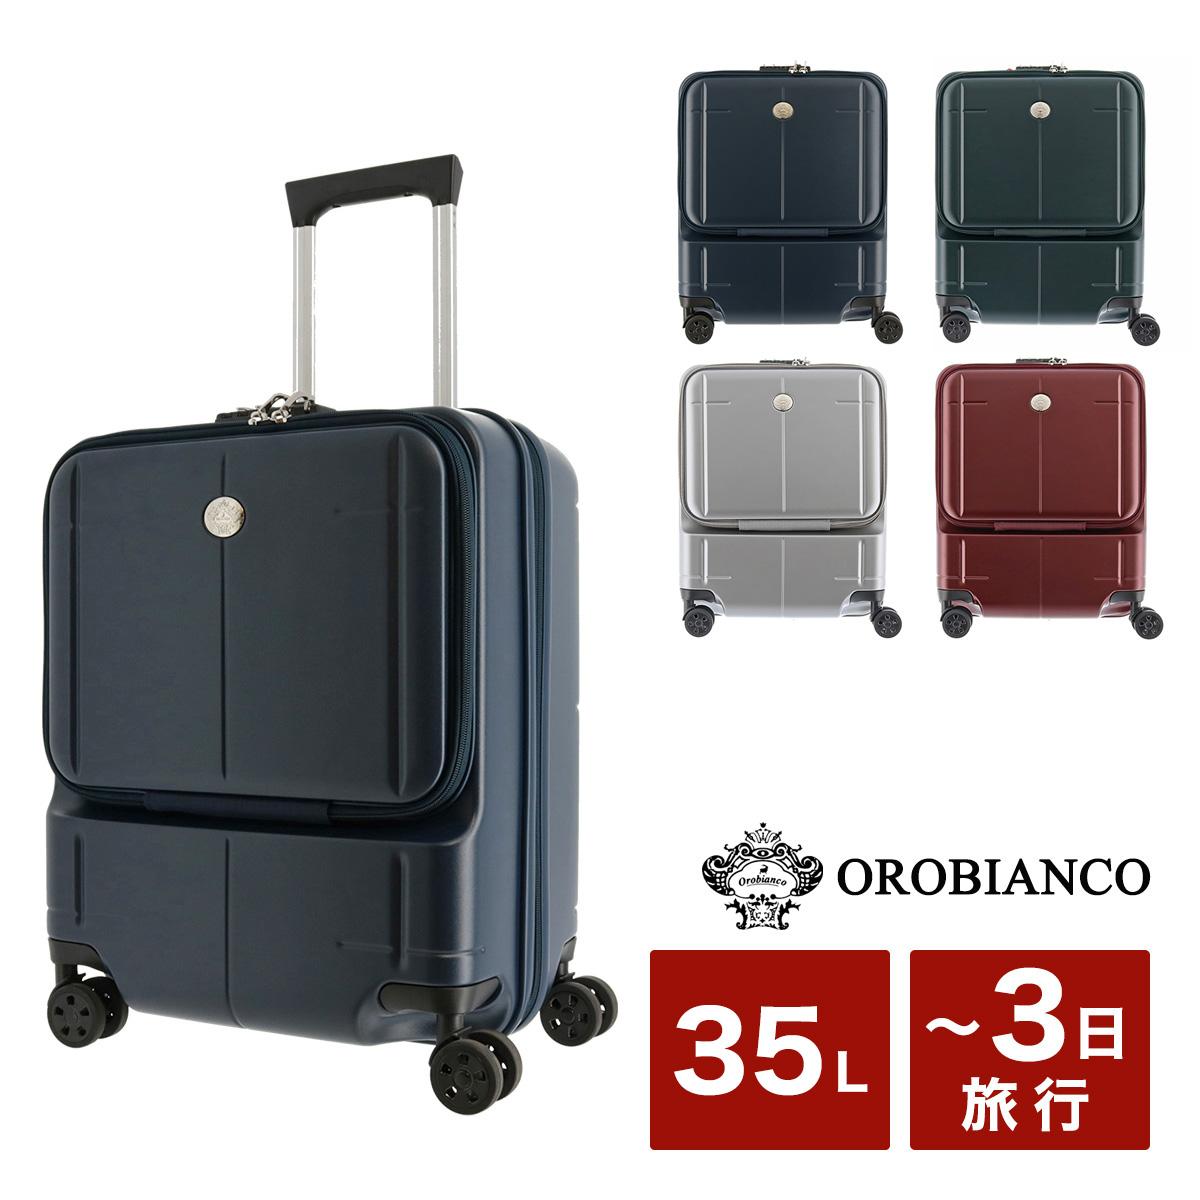 オロビアンコ スーツケース 35L 47cm 3.8kg 9712 フロントオープン ハード ファスナー TSAロック搭載 ポケット付き おしゃれ ビジネス [bef][PO10][即日発送]